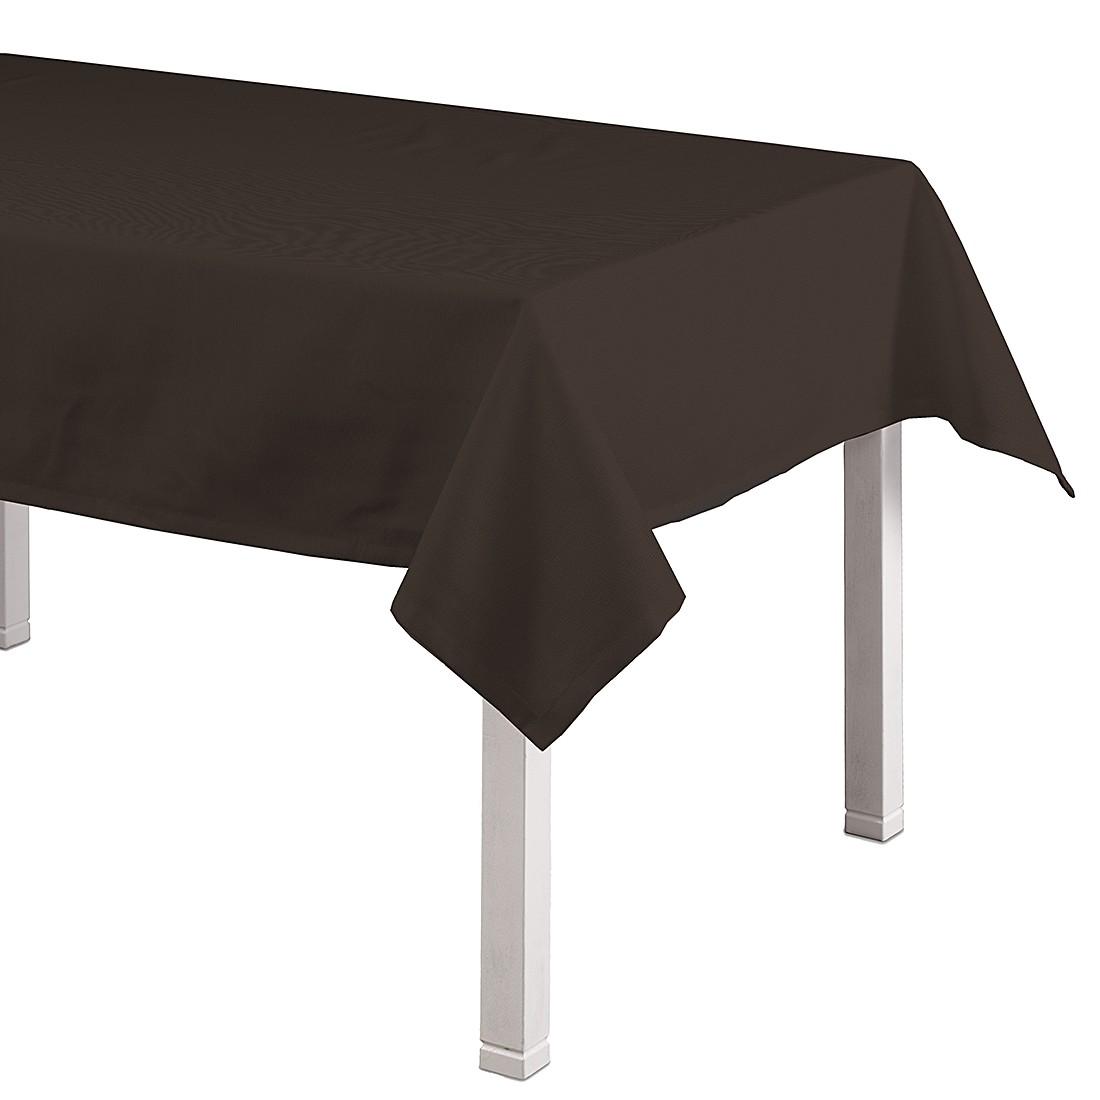 Tischdecke Cotton Panama – Dunkelbraun – 130 x 280 cm, Dekoria online kaufen